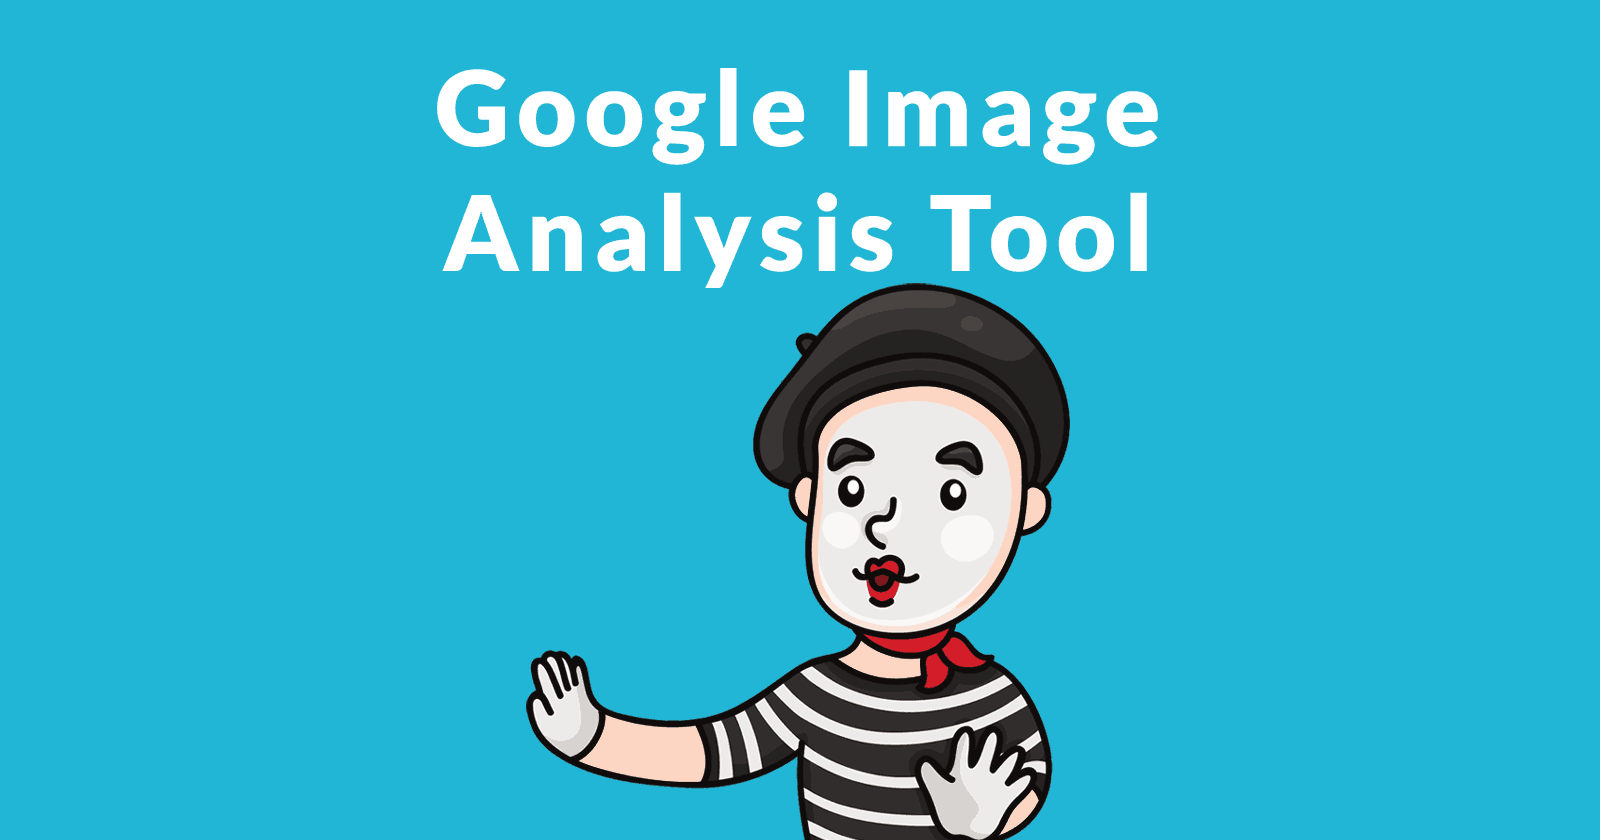 Outil d'analyse d'images gratuit de Google AI